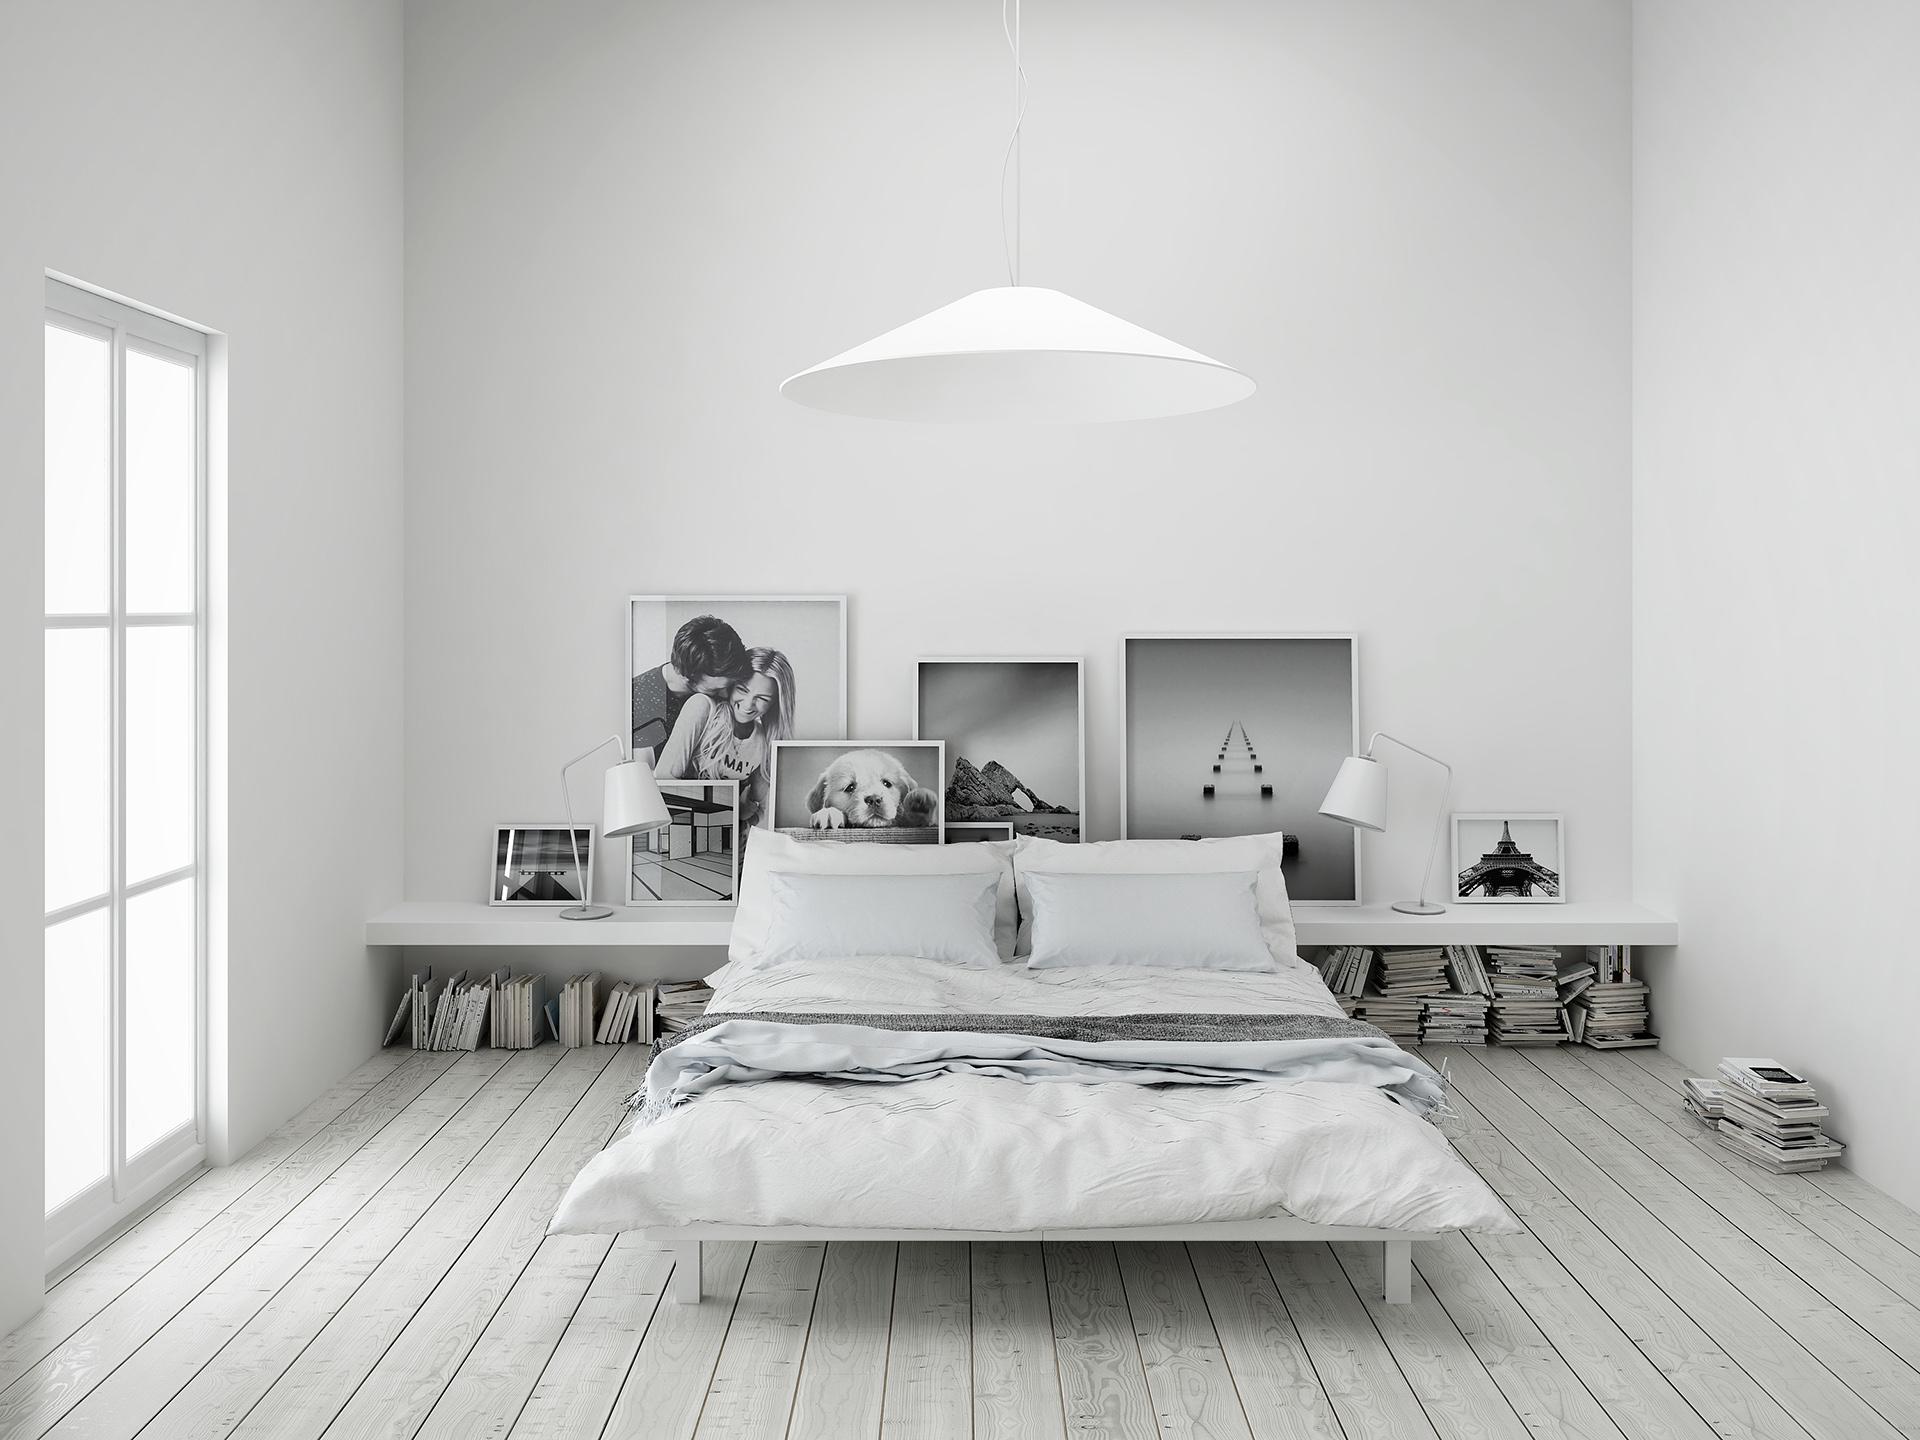 3d e render fotorealistico della camera da letto soggiorno di Marco e Angela progettata da Francesco Aureli a Perugia